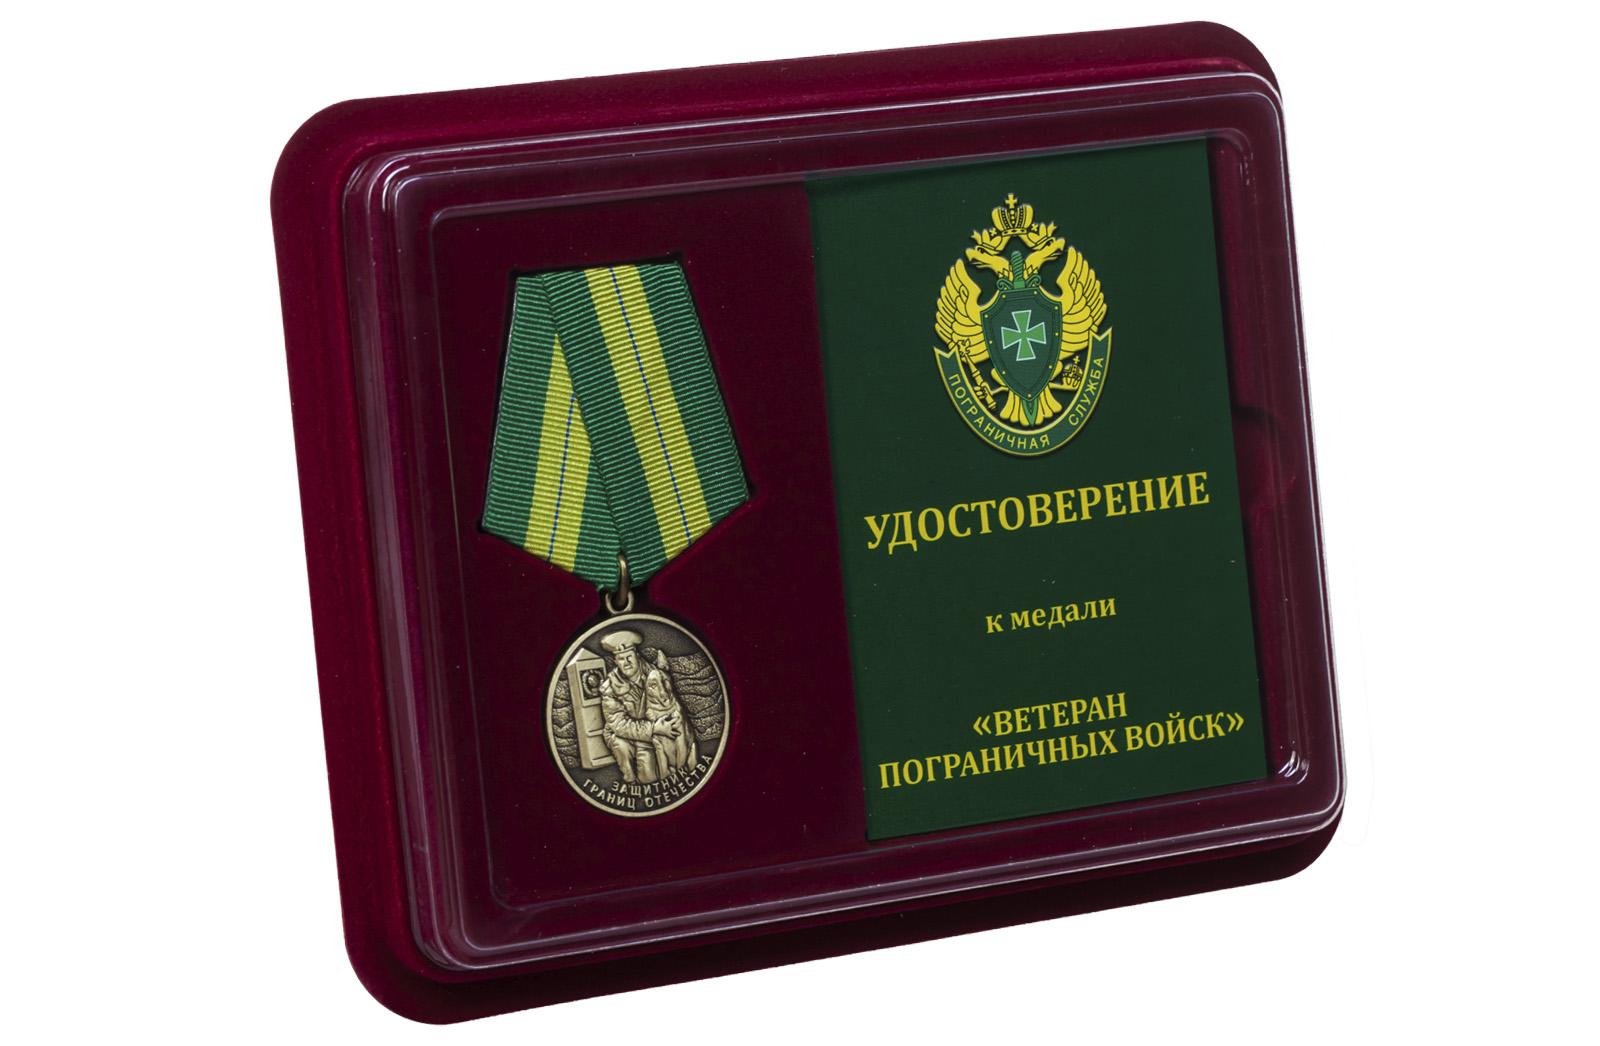 Купить медаль Ветеран пограничных войск оптом или в розницу